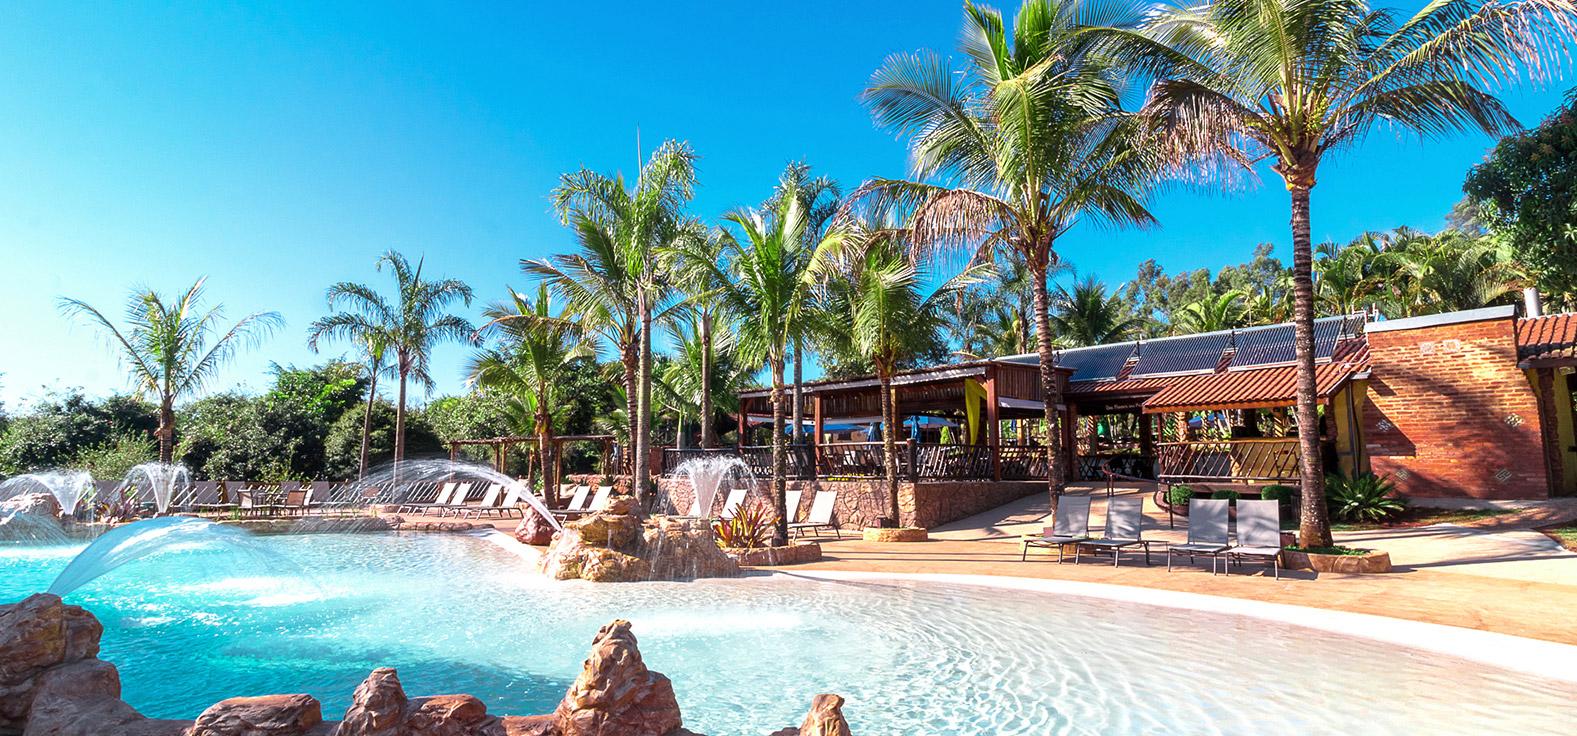 Recanto Alvorada Eco Resort em Torrinha | Portal Serra do Itaquerí